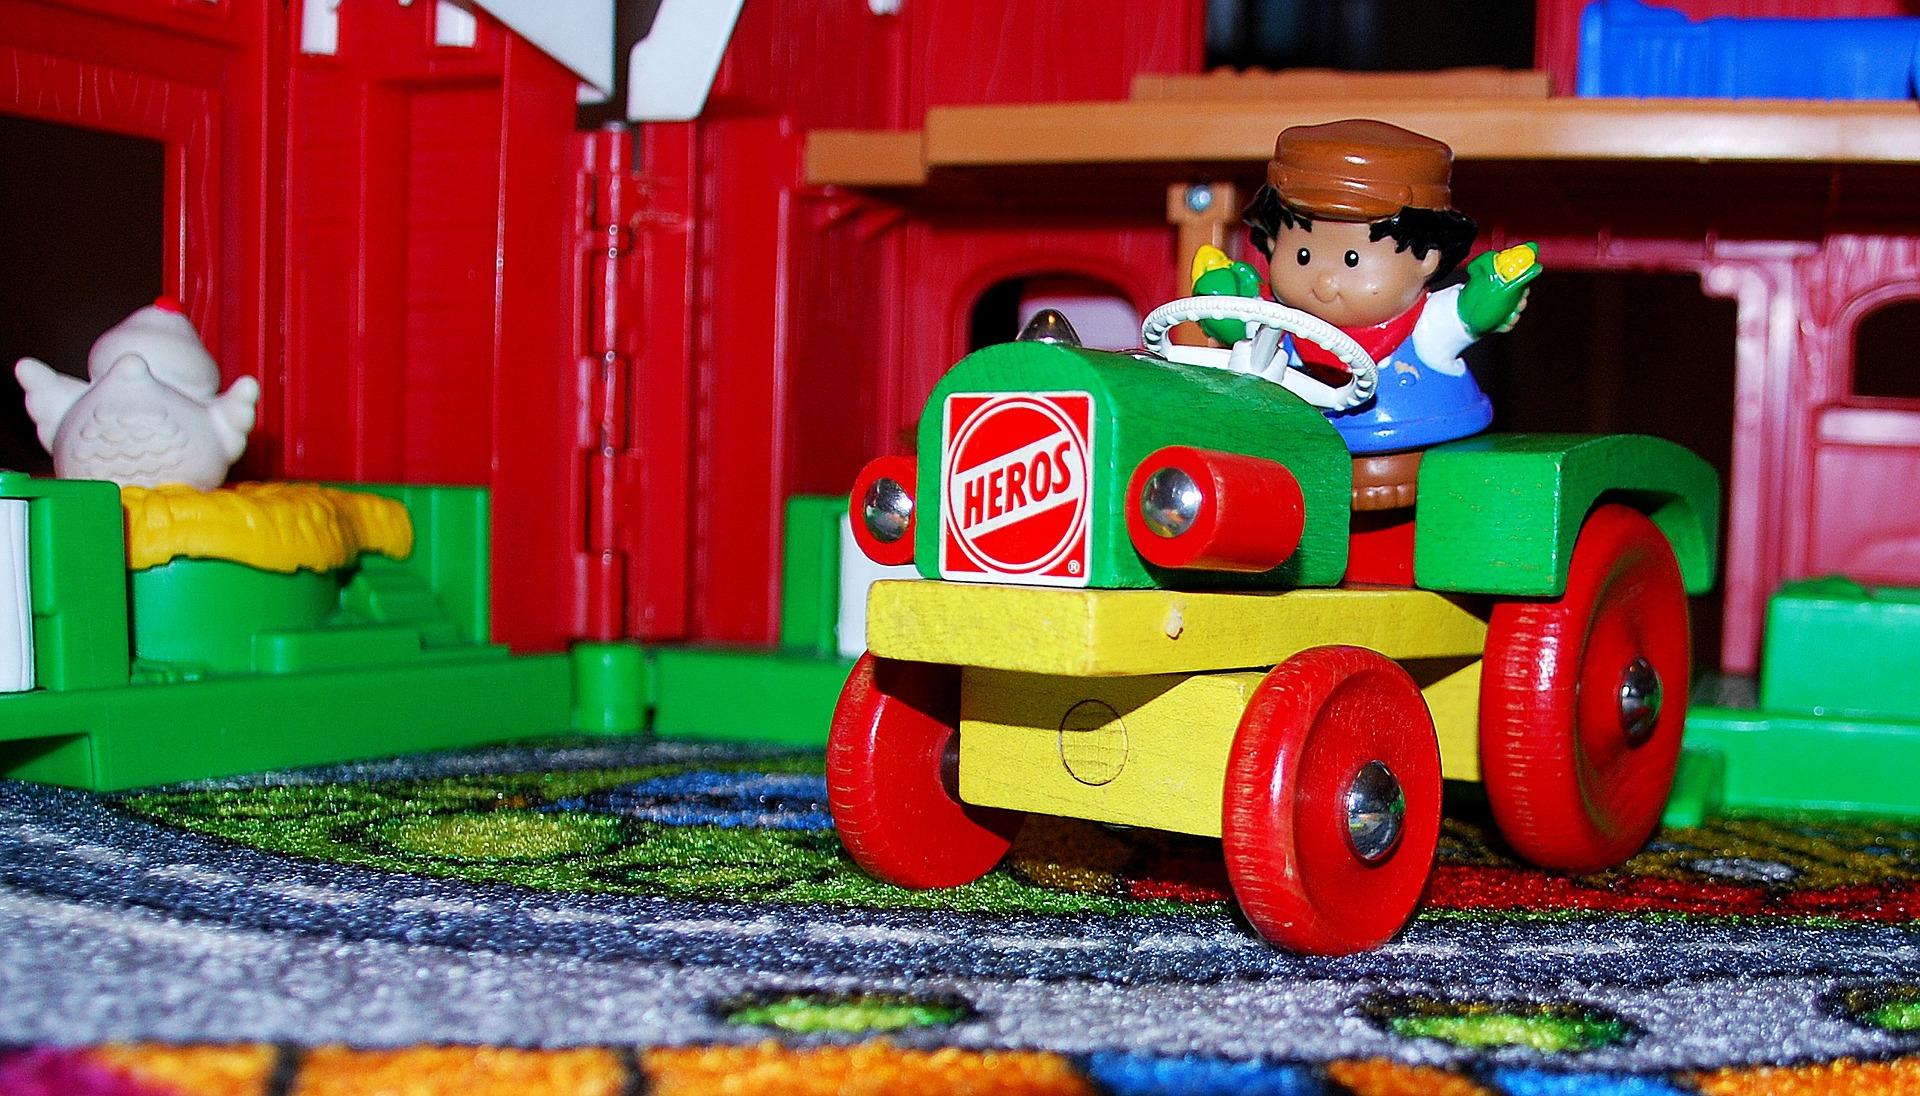 toys-932747_1920.jpg